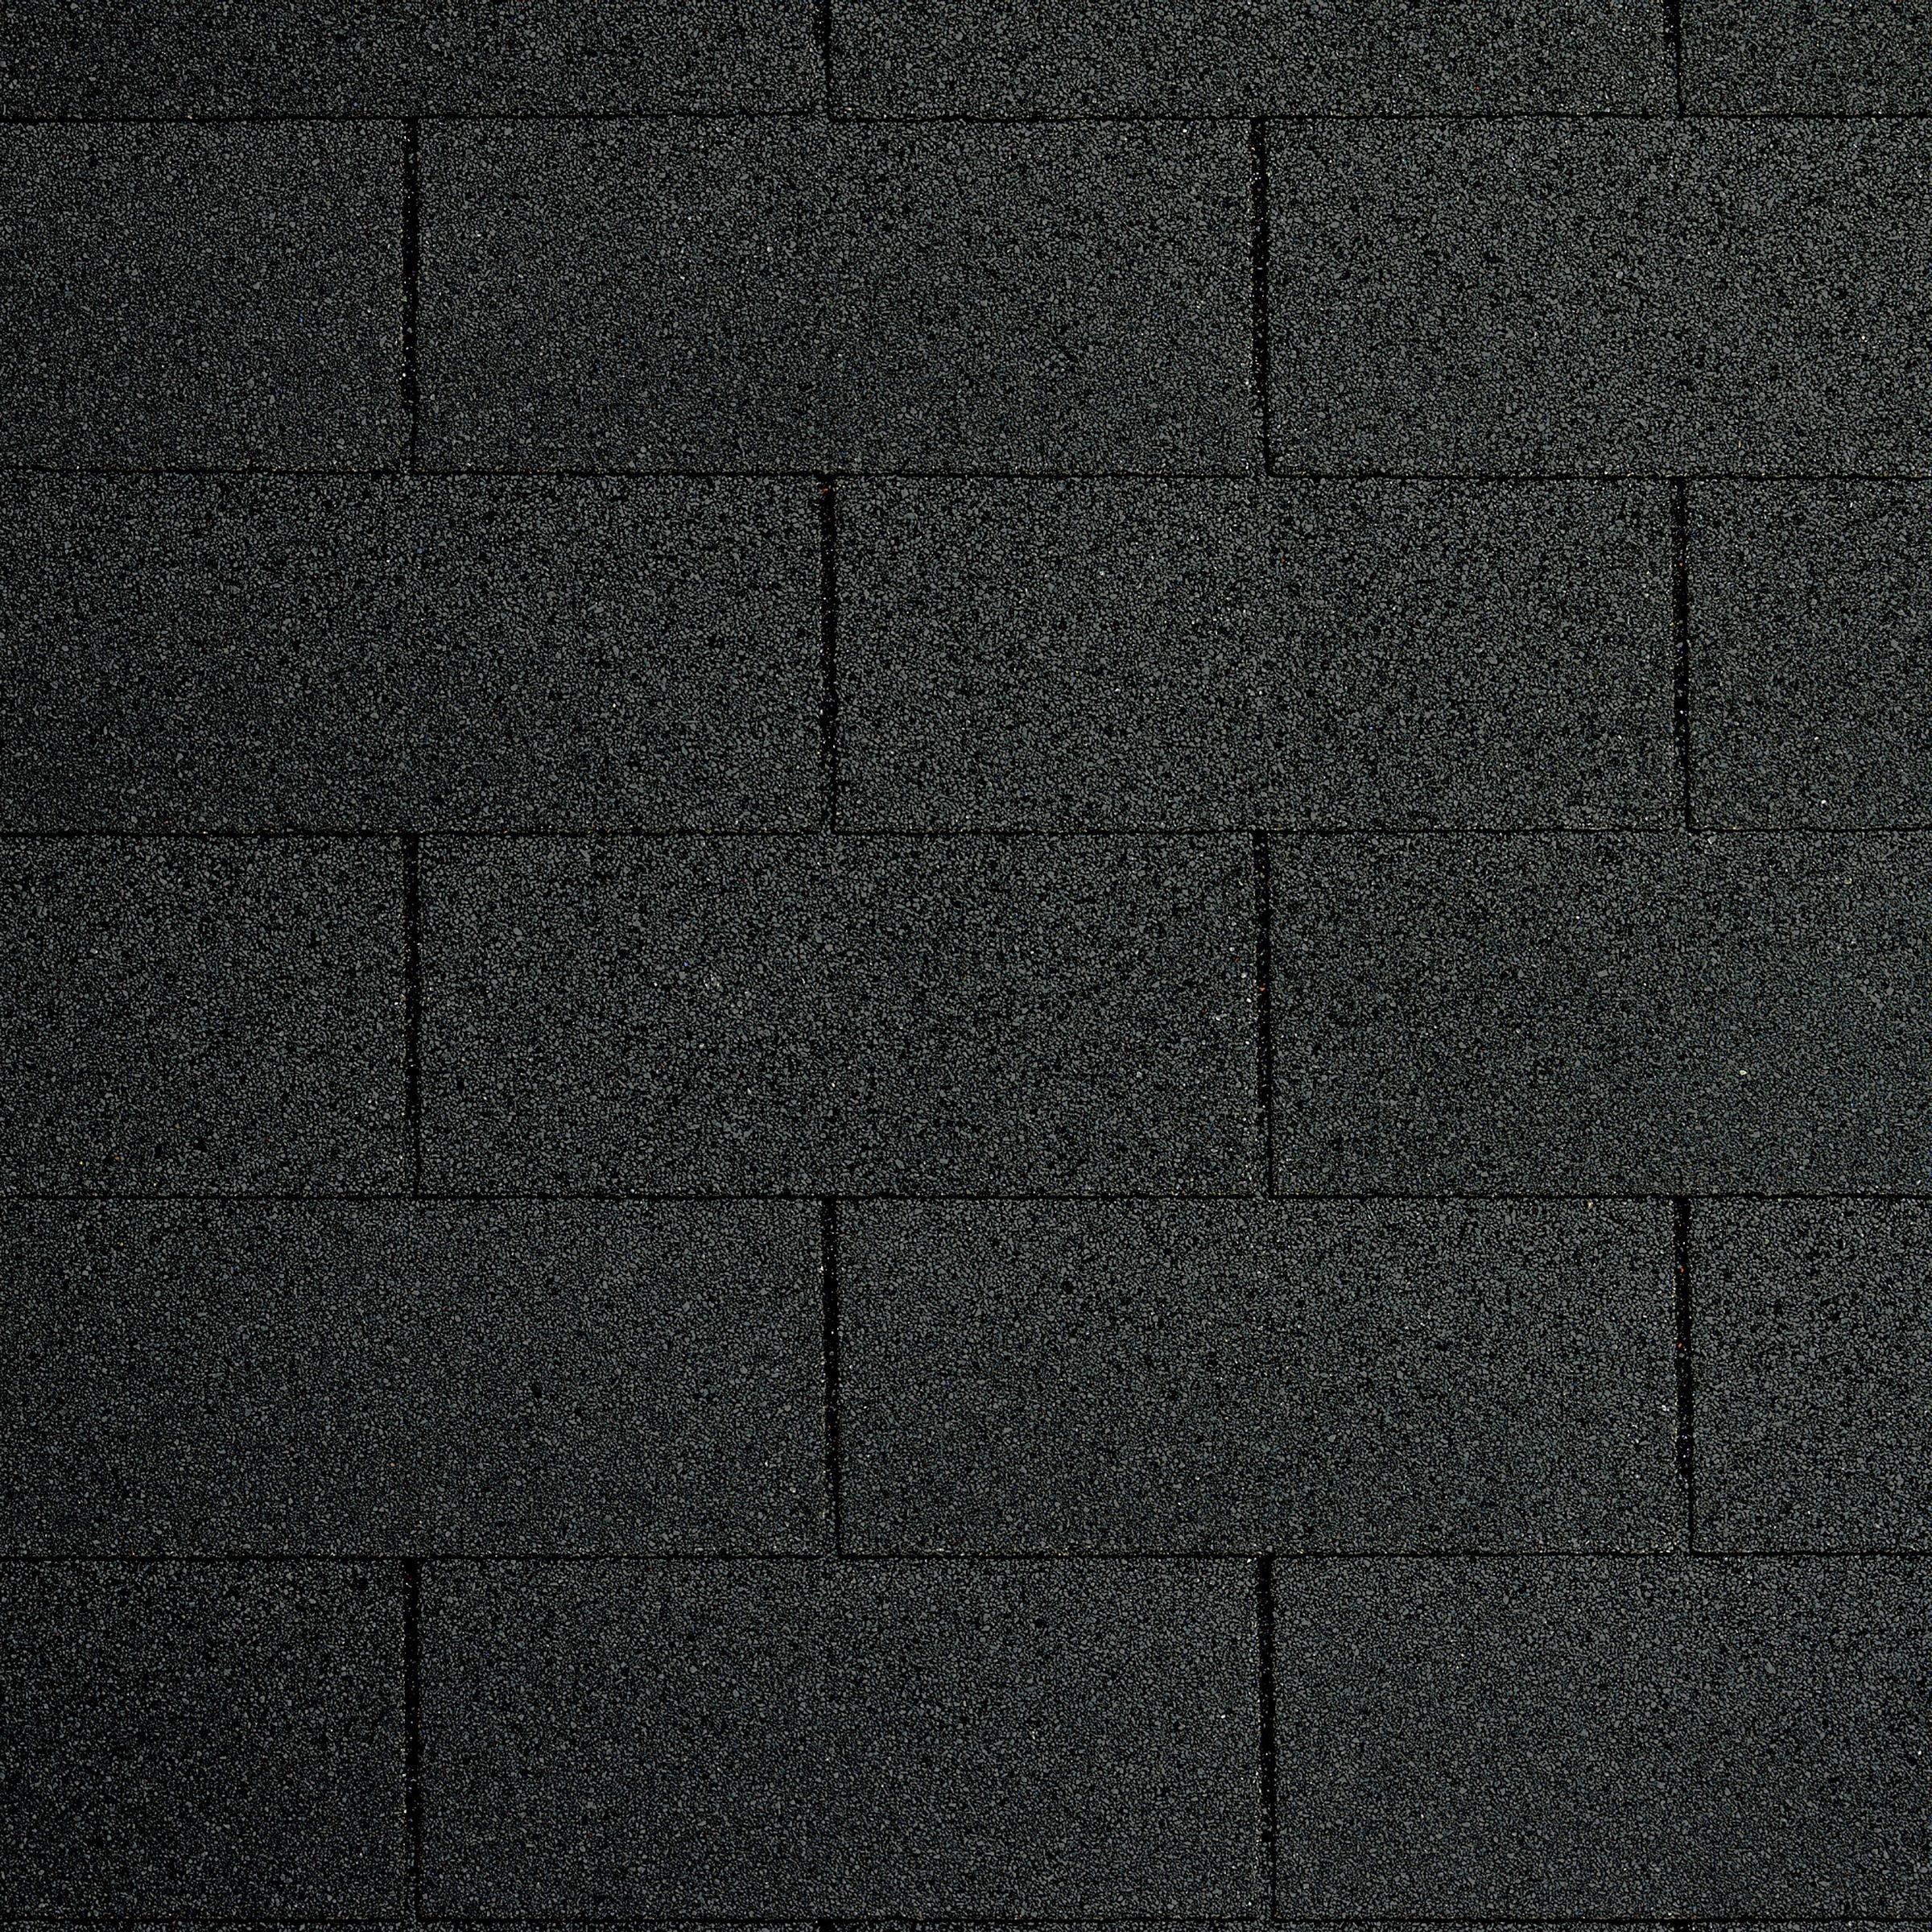 Shingles Zwart - 8 pakken voor 24m2 incl. nagels